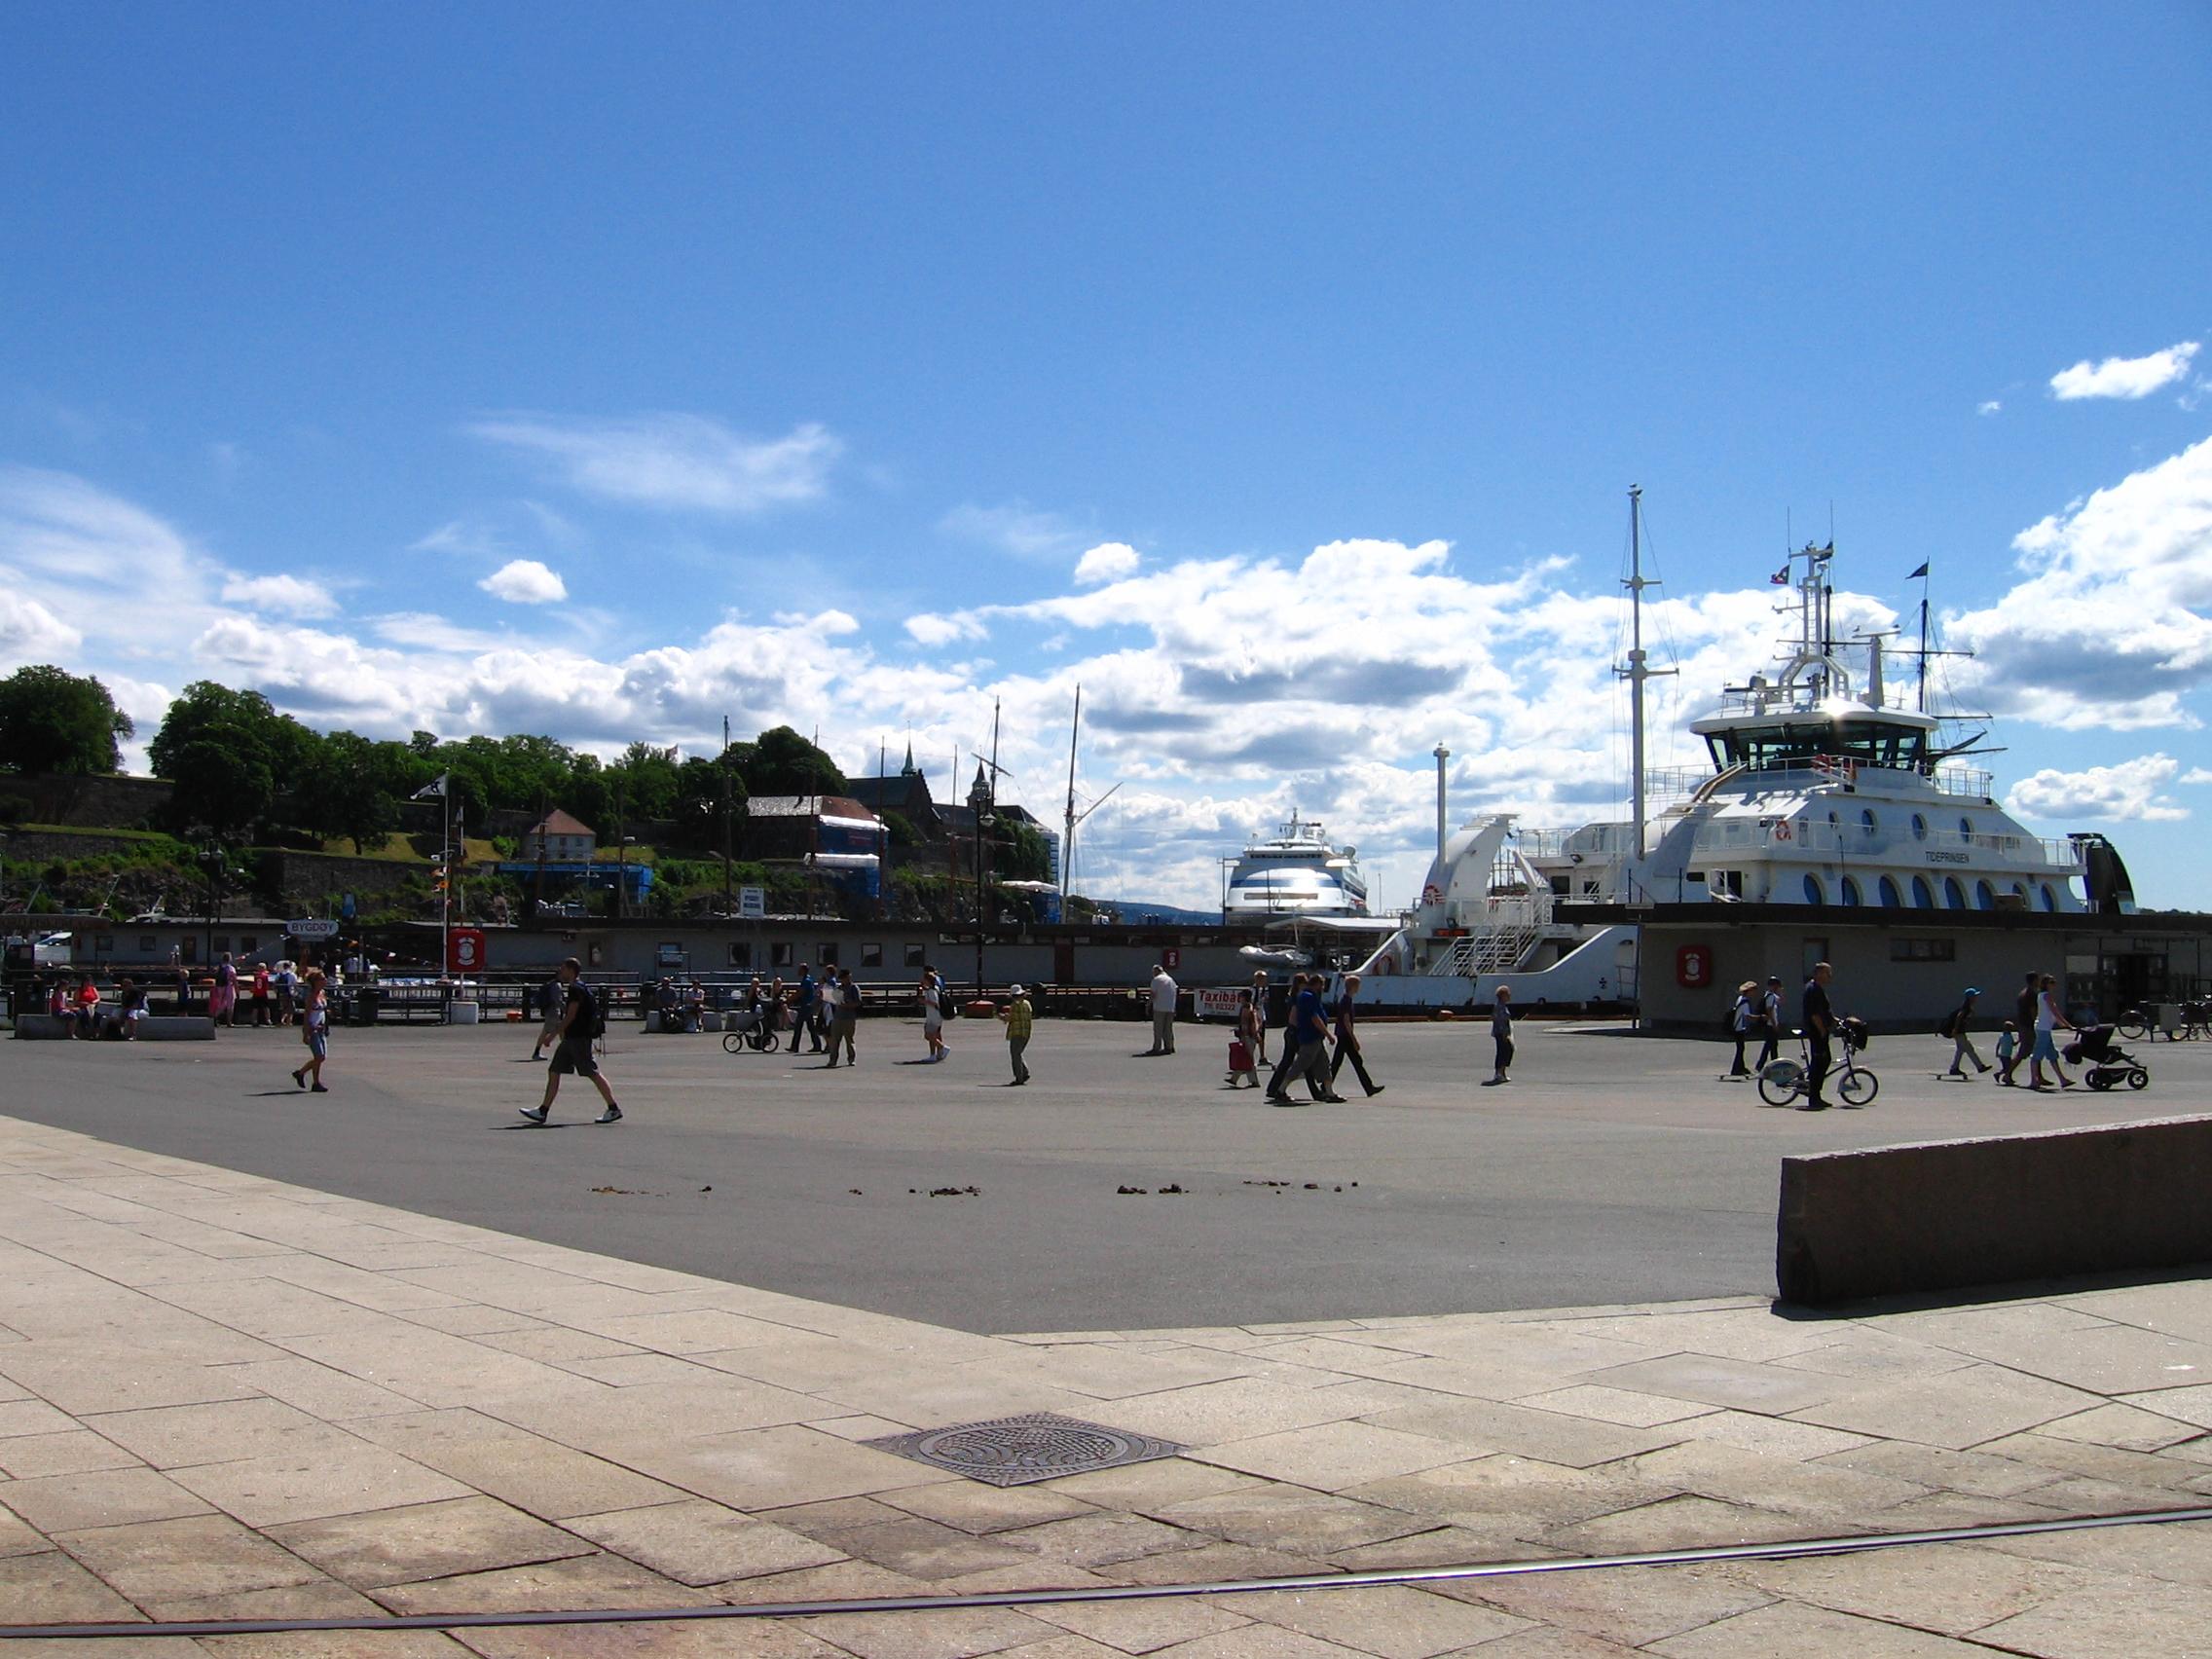 Zamek. Oslo.